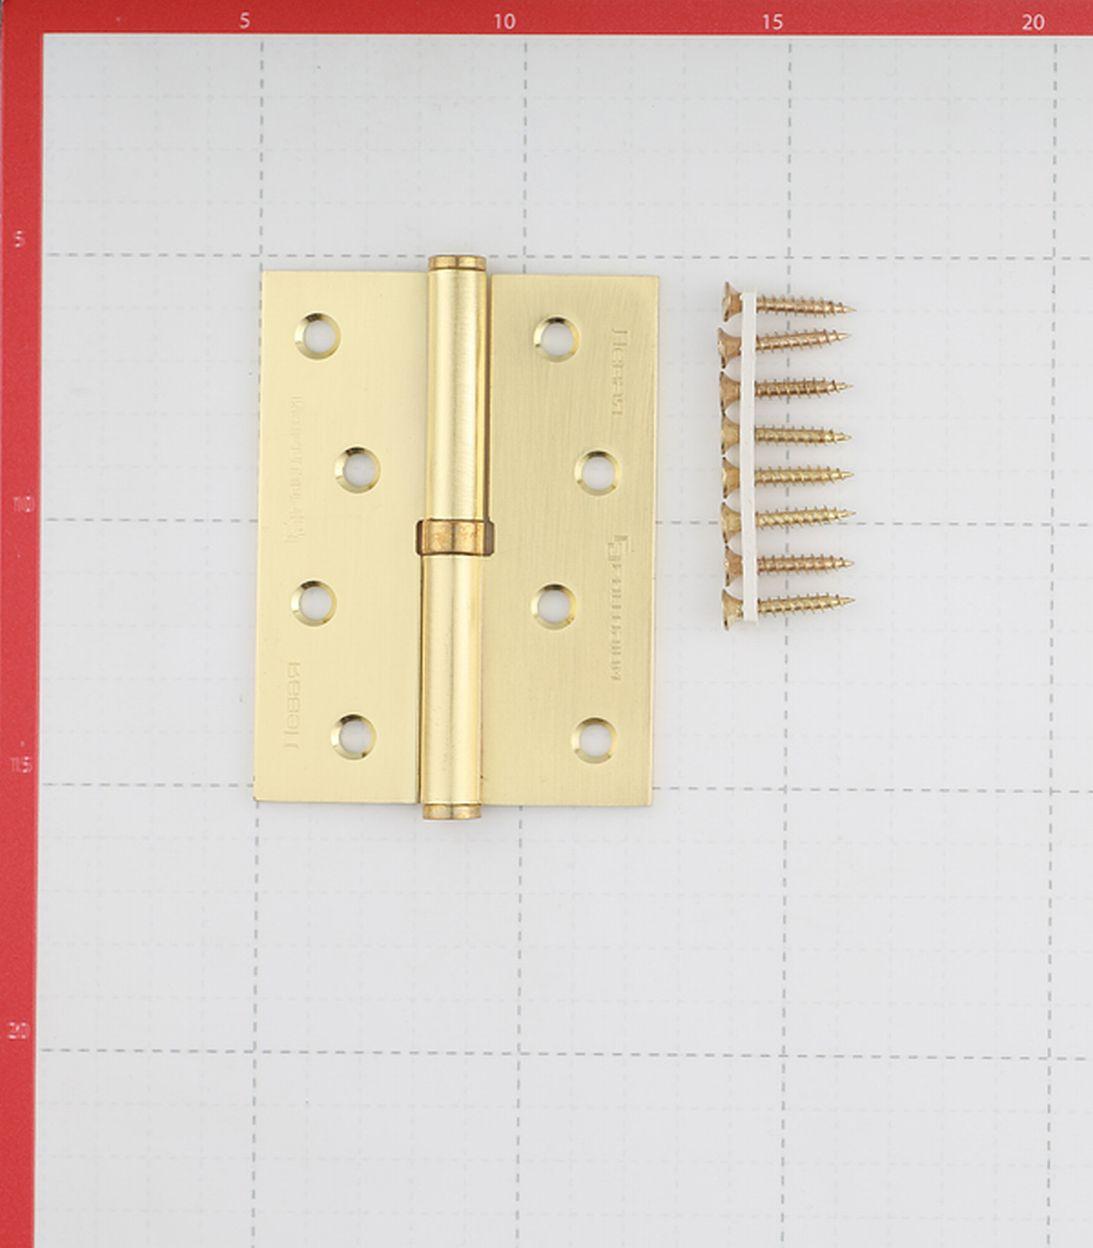 Петля Palladium N 613-S-4 SB левая разъемная 100х75 мм матовая латунь